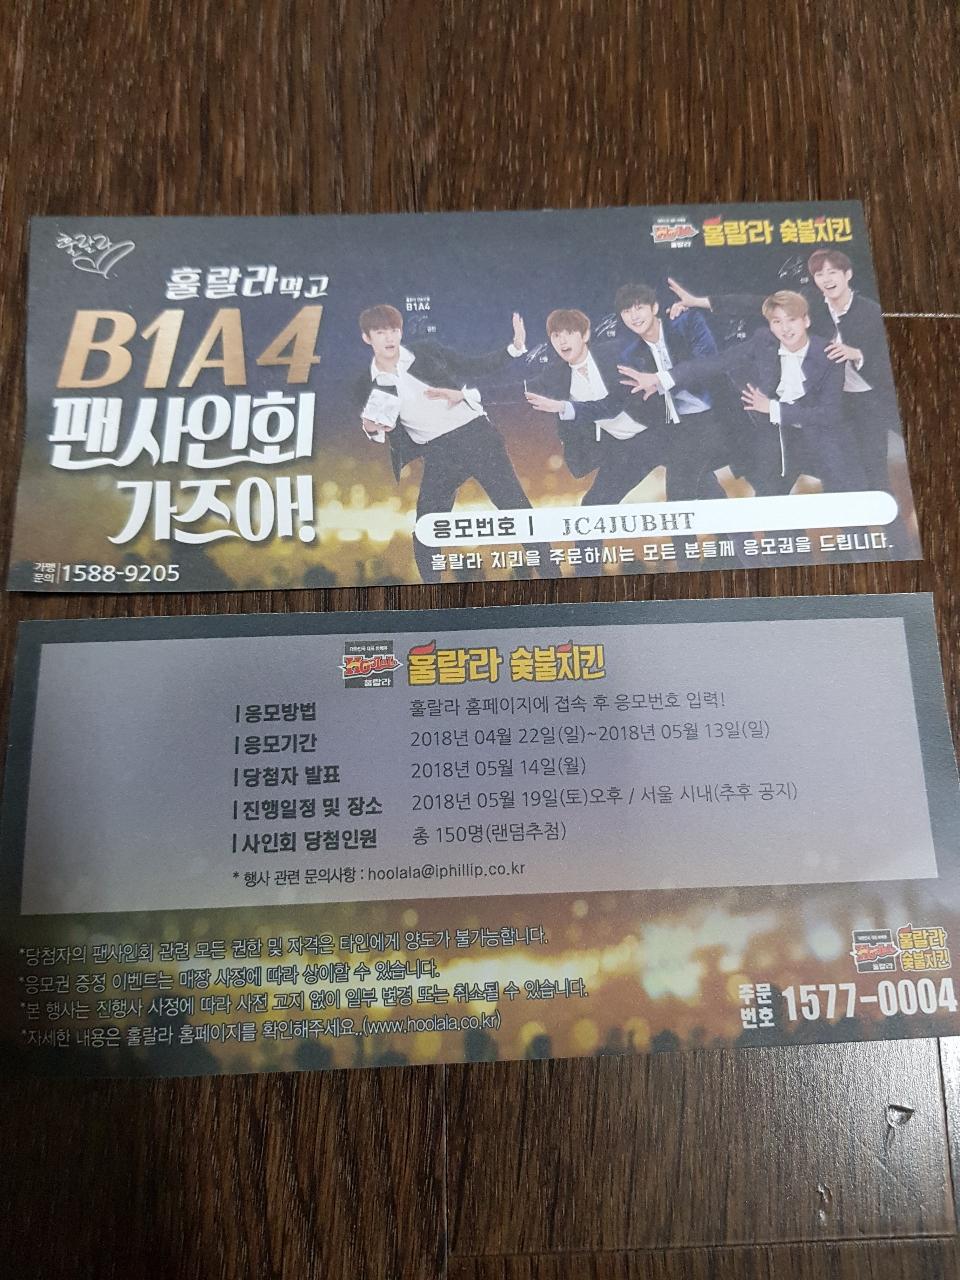 B1A4 팬싸인회응모권 무료나눔이요~~